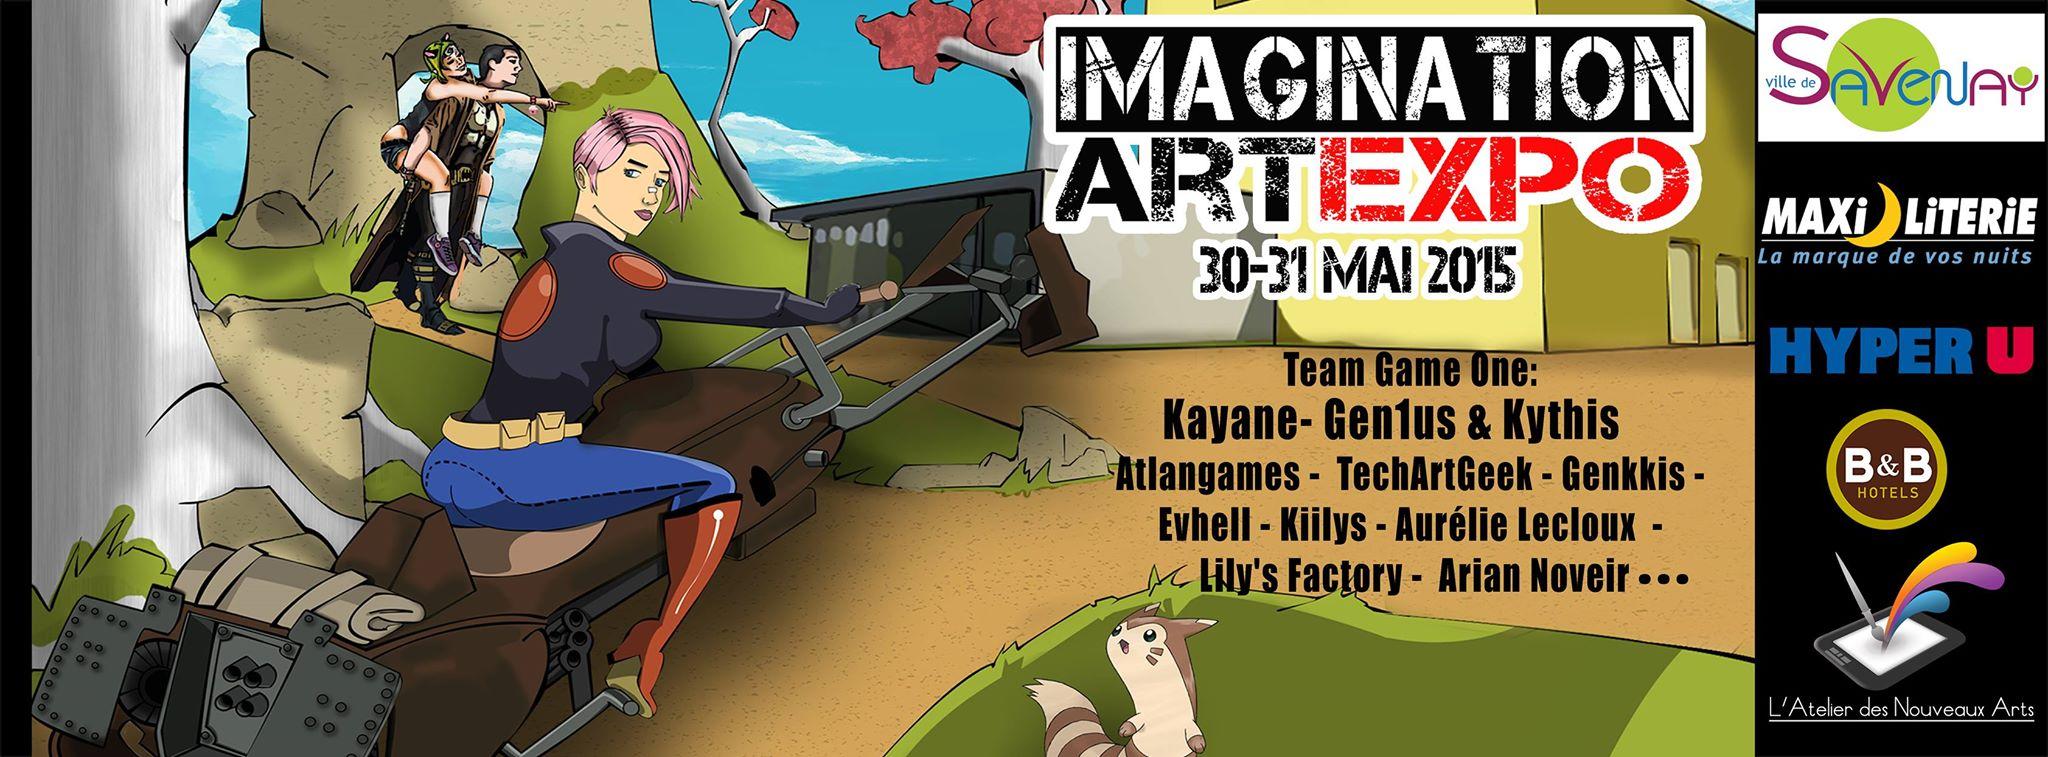 Affiche Imagination Art Expo